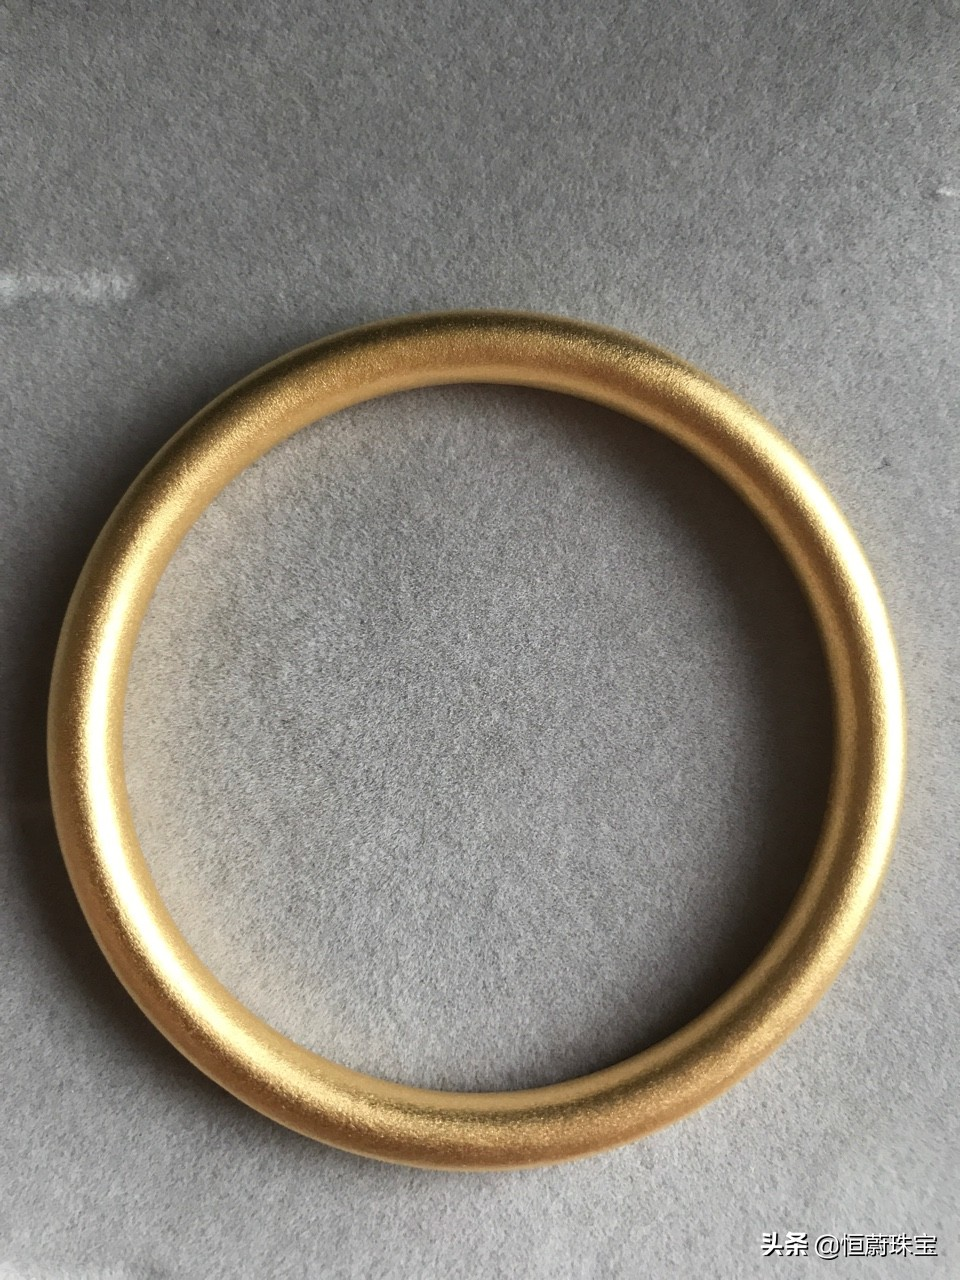 黄金手镯首饰,哪个牌子的纯度最高?竟然不是周六福与老凤祥